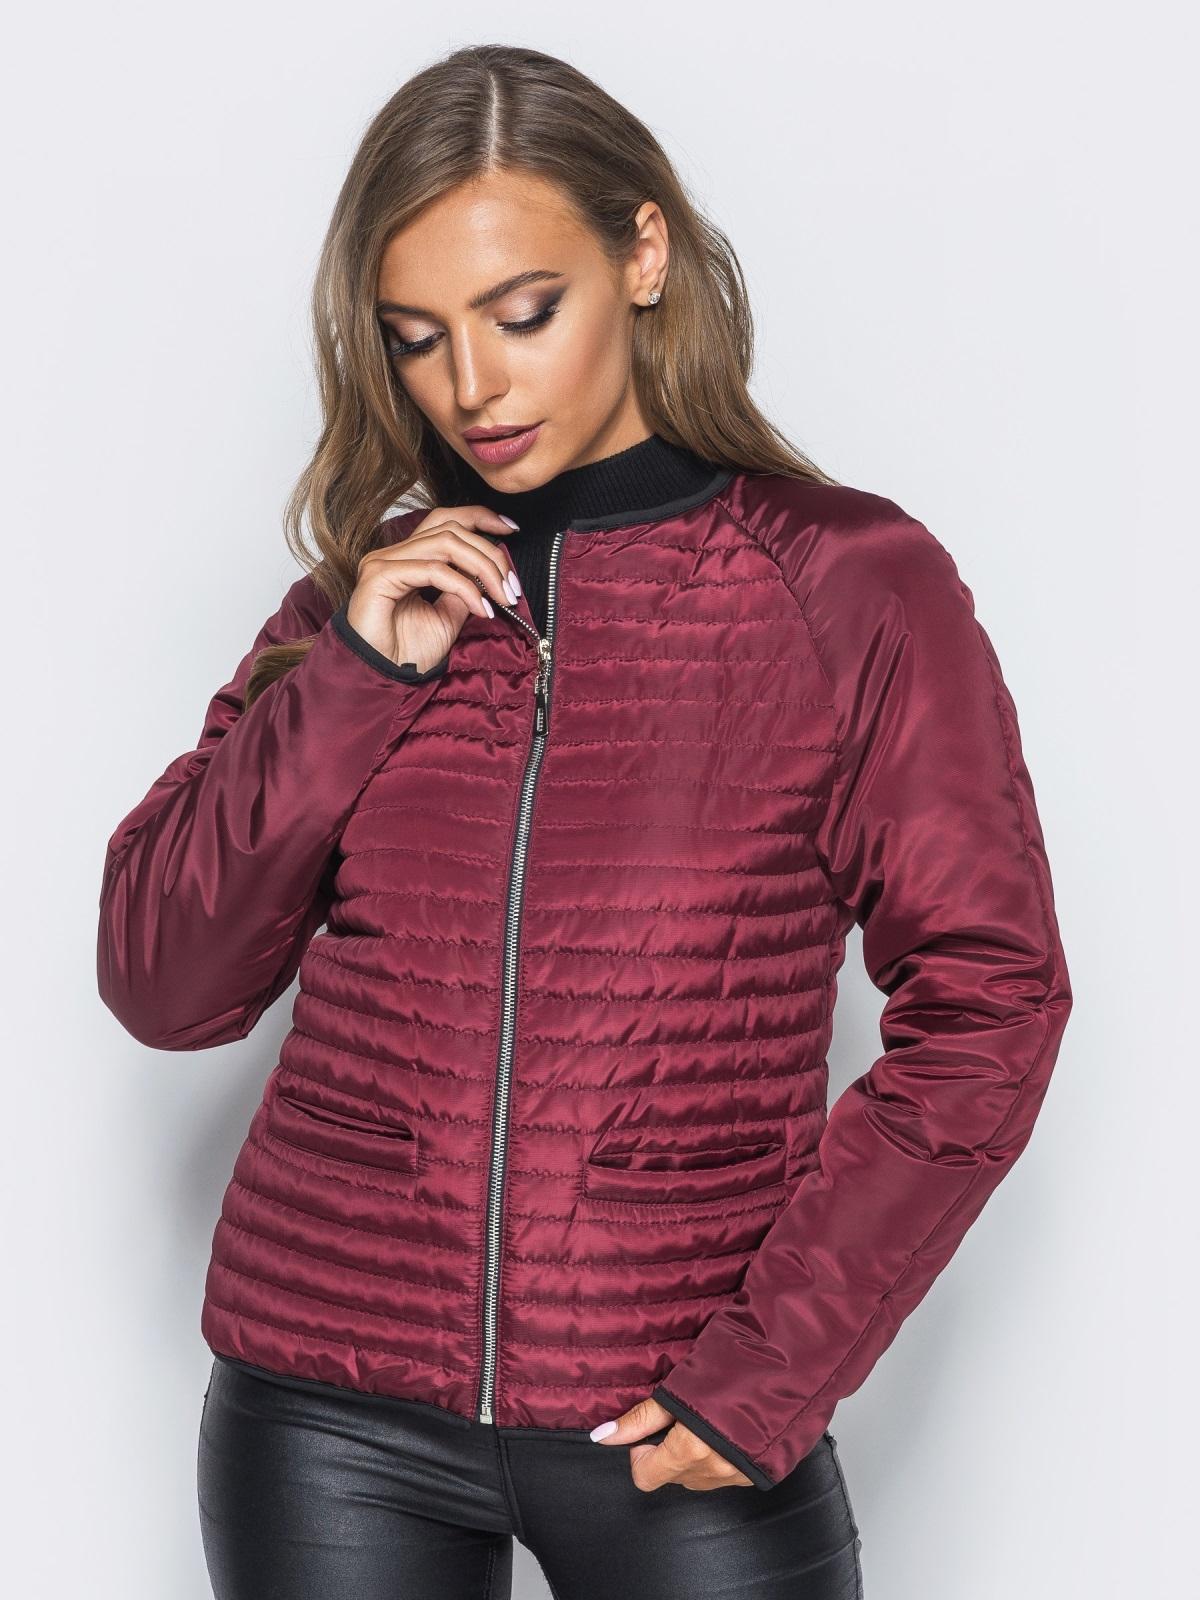 Бордовая стеганая куртка с прорезными карманами - 14690, фото 1 – интернет-магазин Dressa